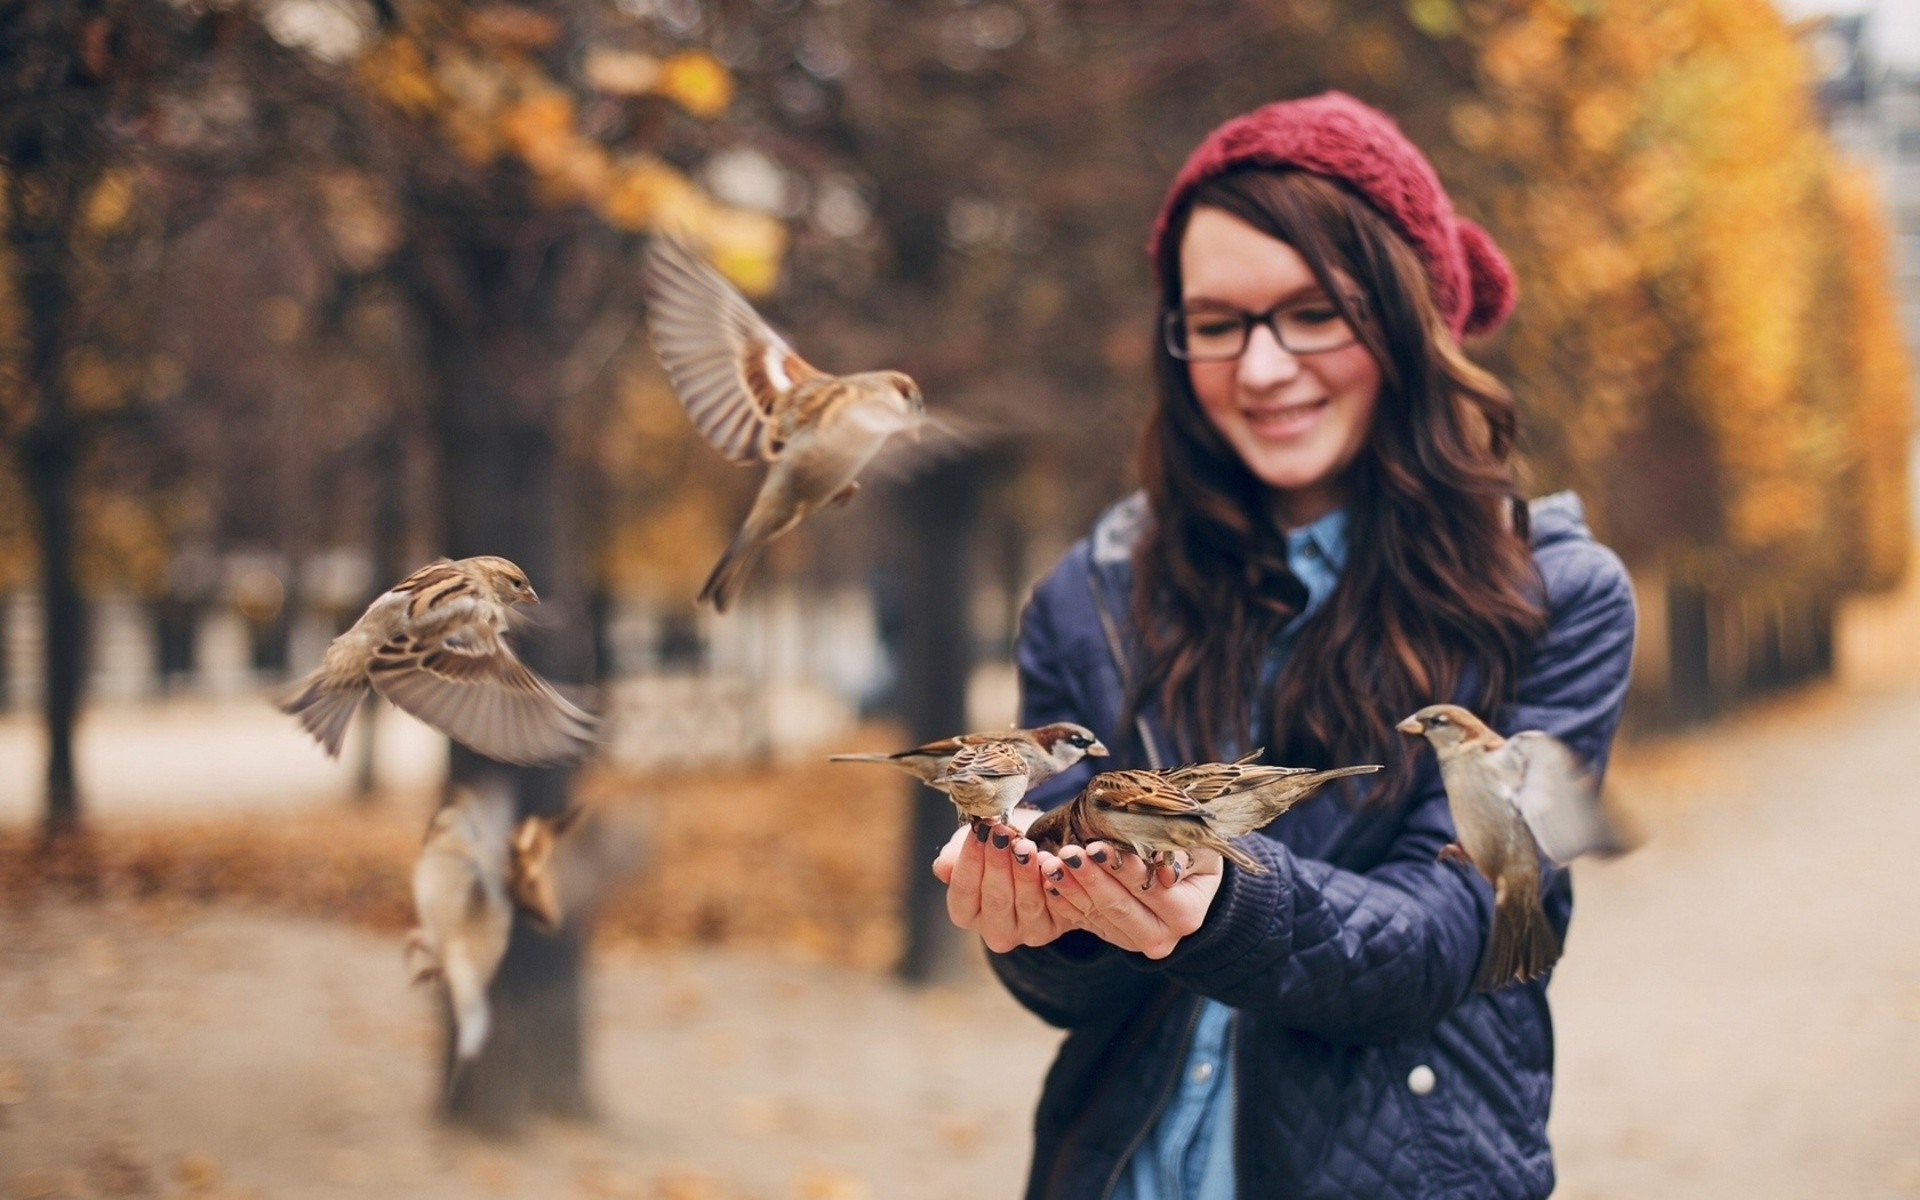 Girl Birds Sparrows Photo